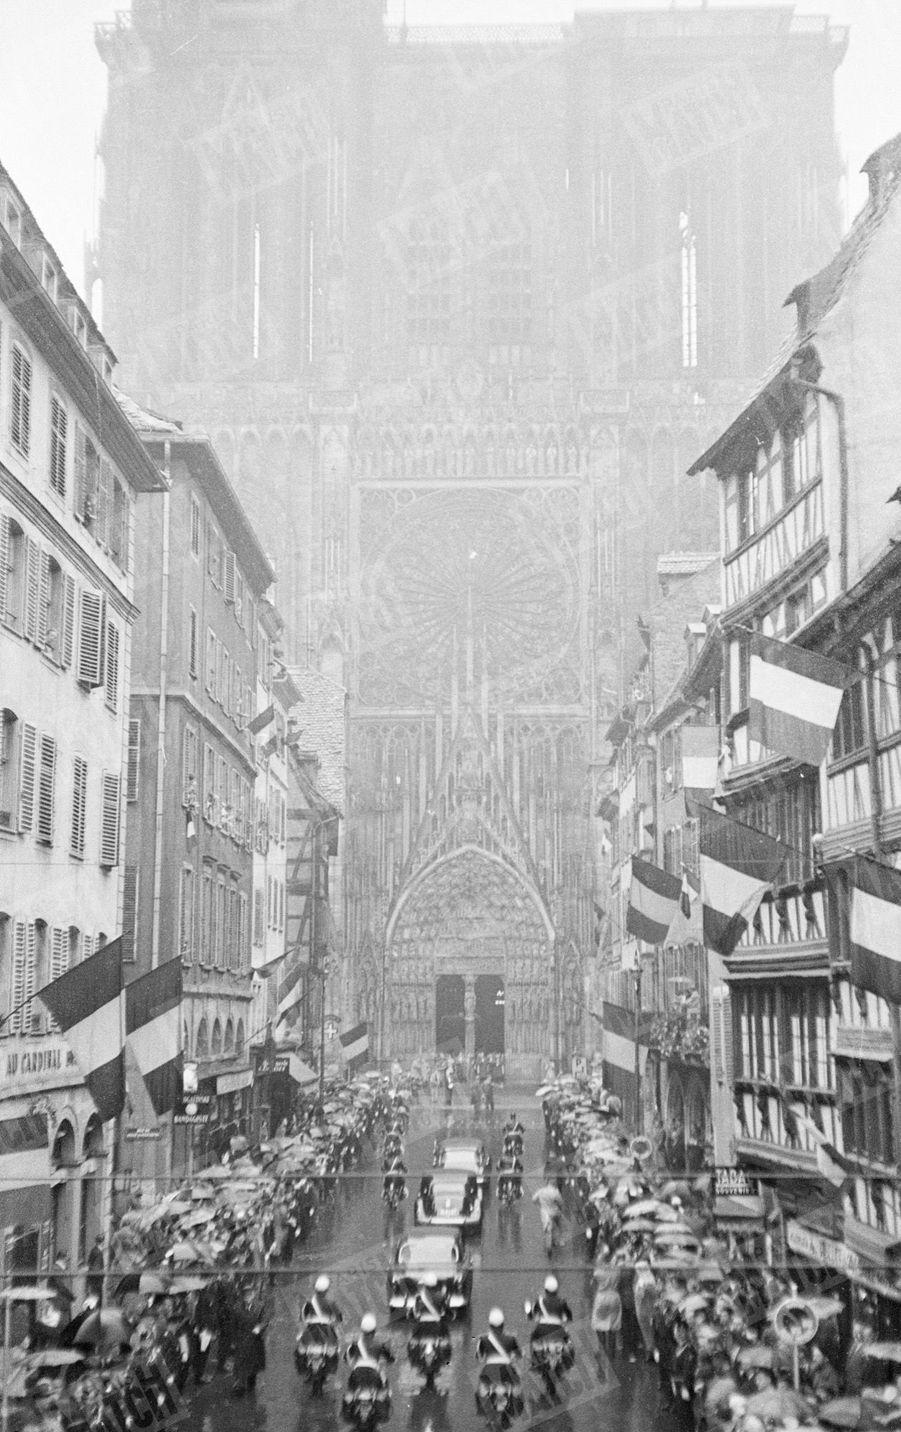 Charles de Gaulle en campagne pour le référendum sur la constitution de la Vème République, arrivant à la Cathédrale de Strasbourg, le 21 septembre 1958.